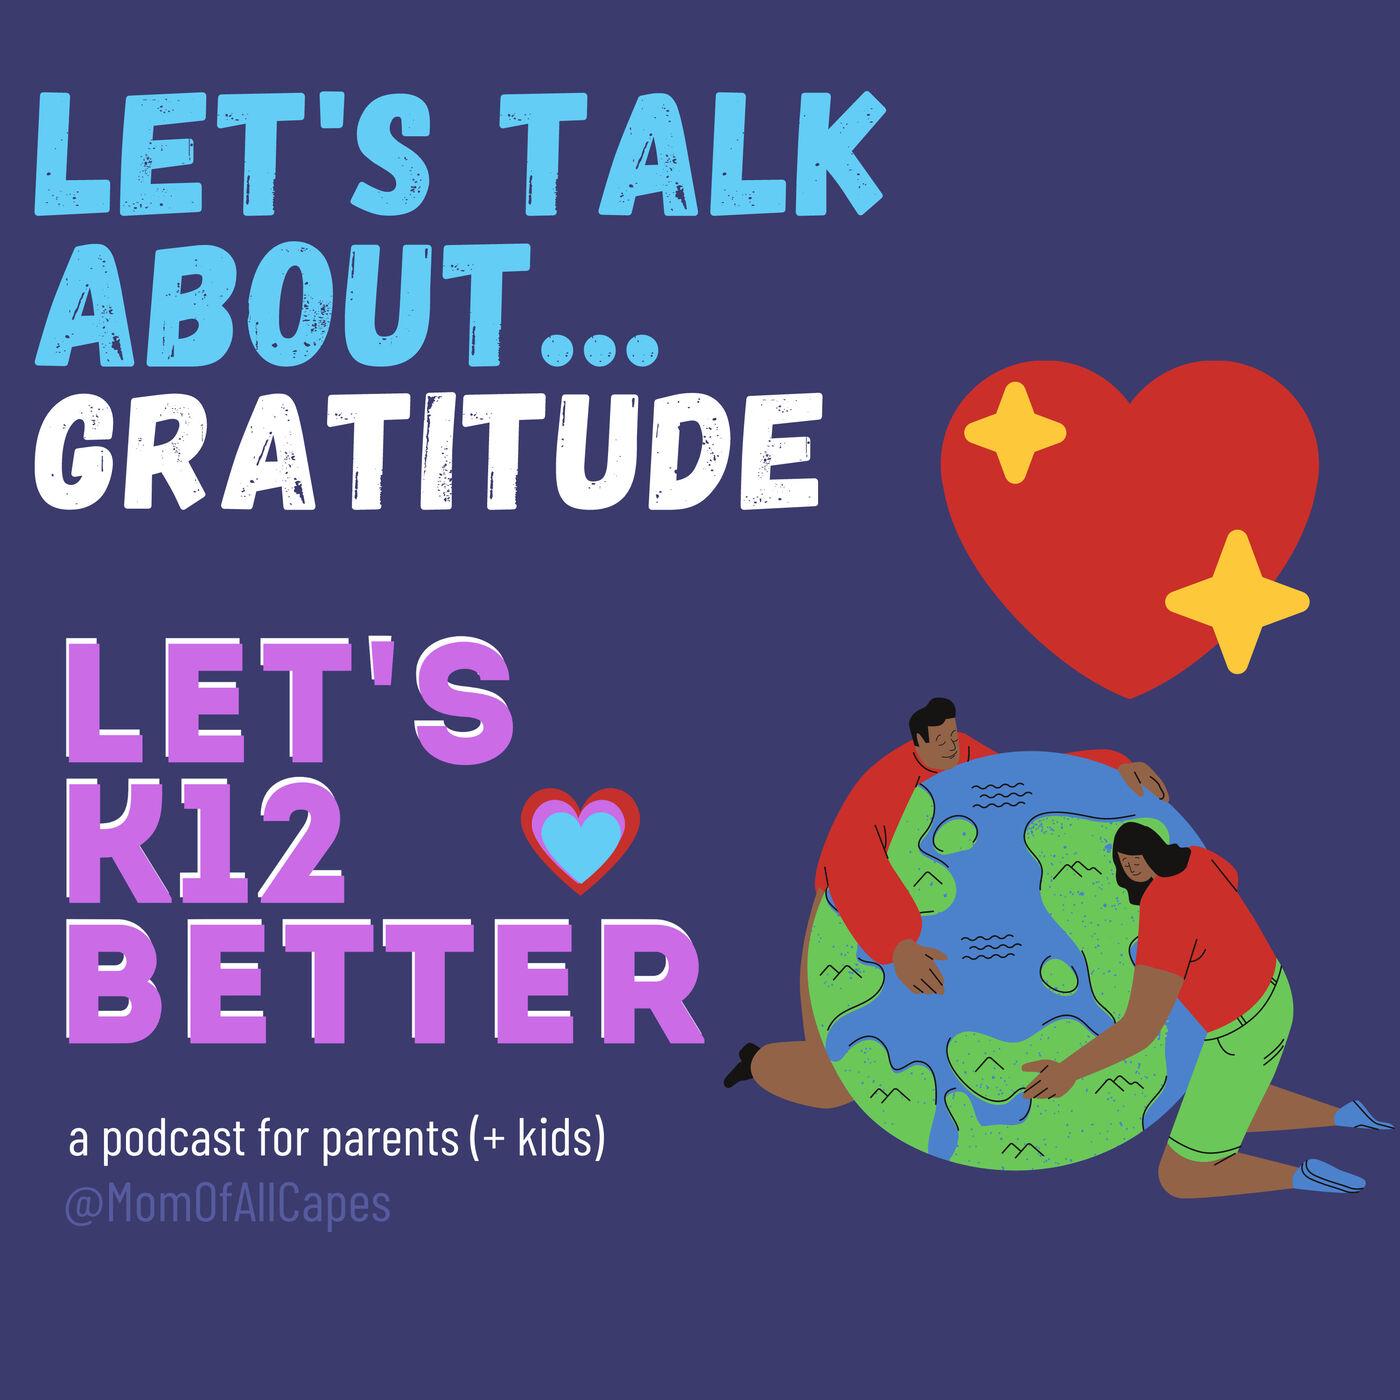 Let's Talk About... Gratitude